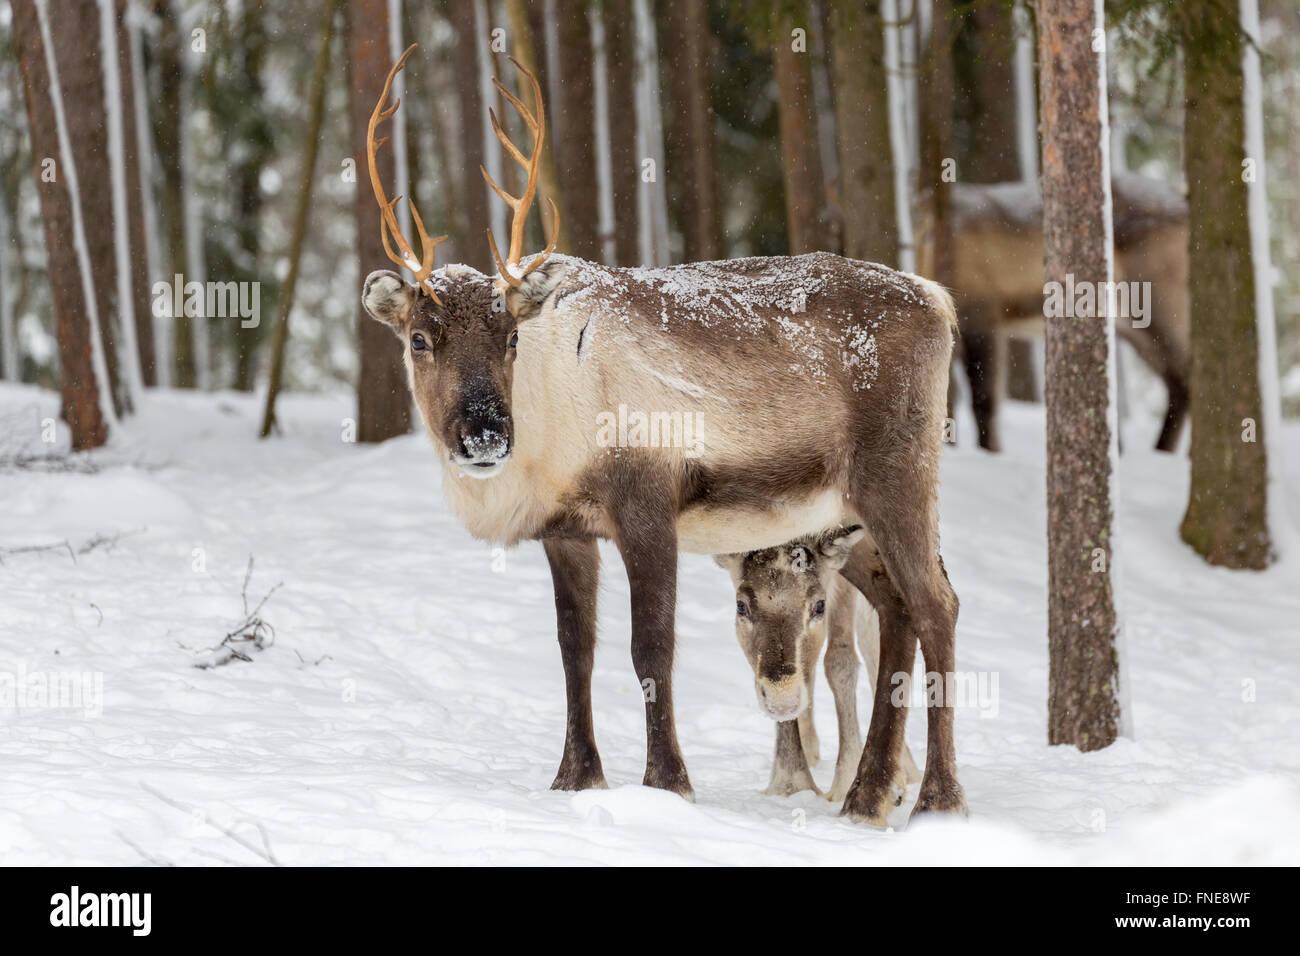 Deux renne (Rangifer tarandus) dans la neige, captive, Kivilompolio, près de Rovaniemi, Laponie, Finlande Photo Stock